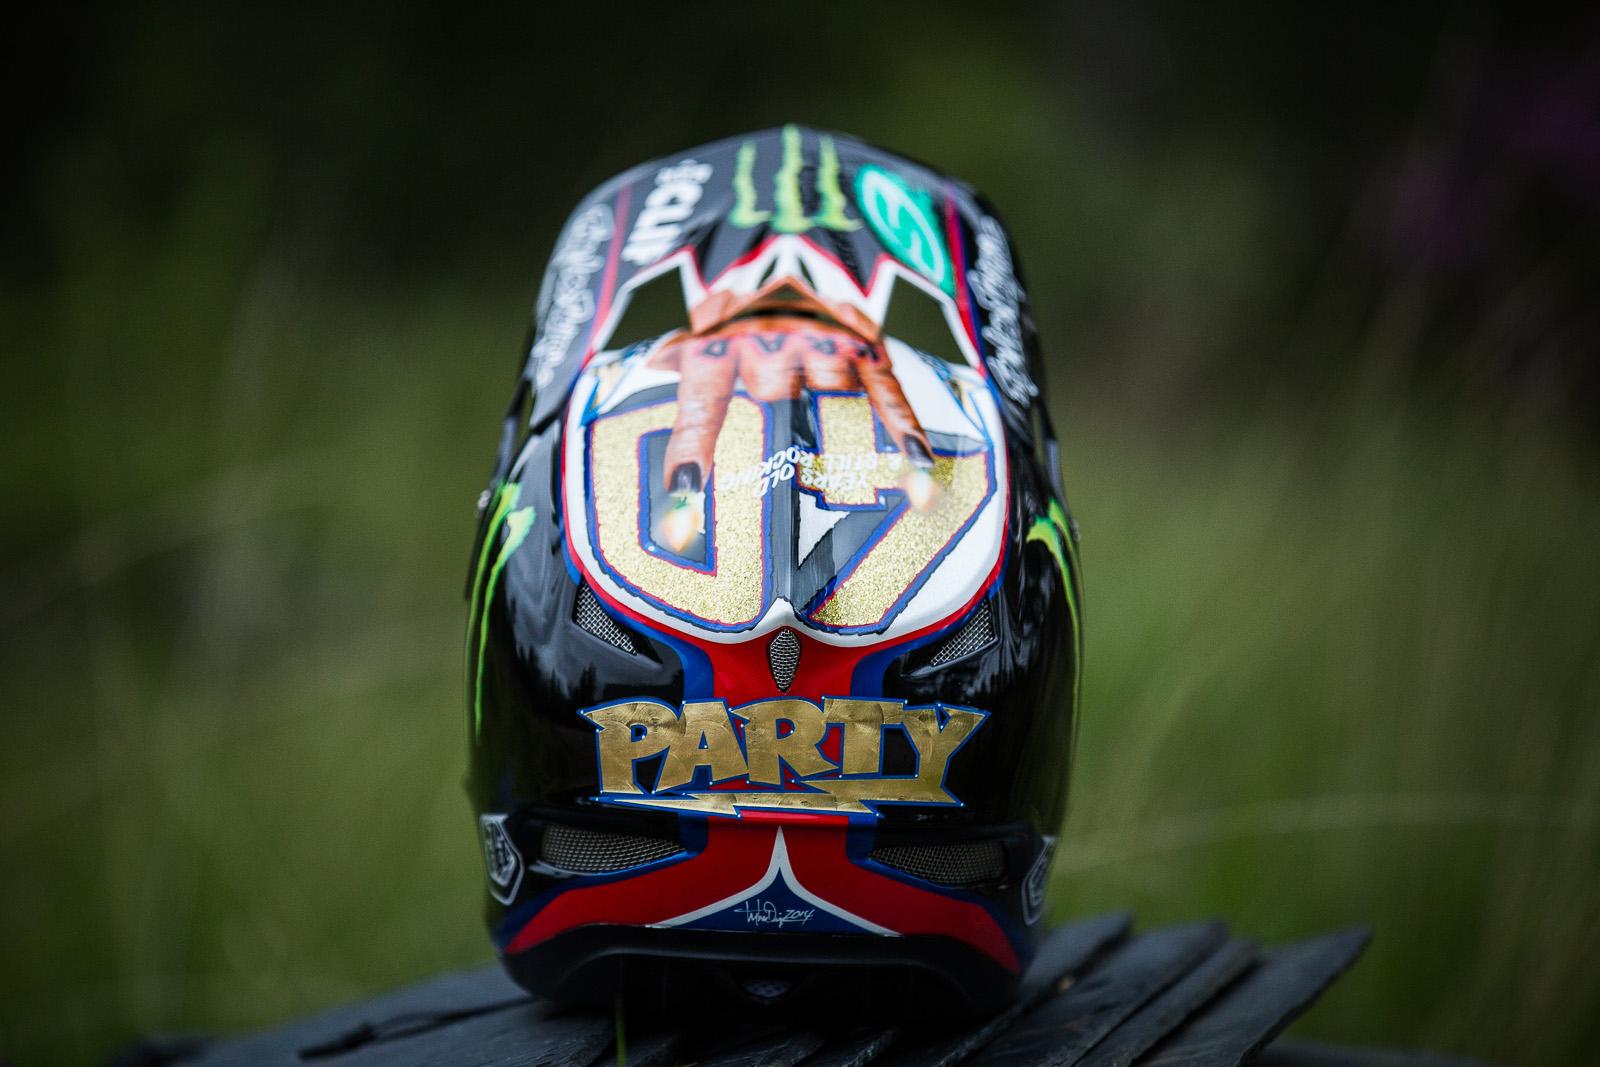 Troy Lee Designs Helmet >> Fort William PIT BITS - Steve Peat's New Custom-painted Troy Lee Designs D3 Helmet - PIT BITS ...